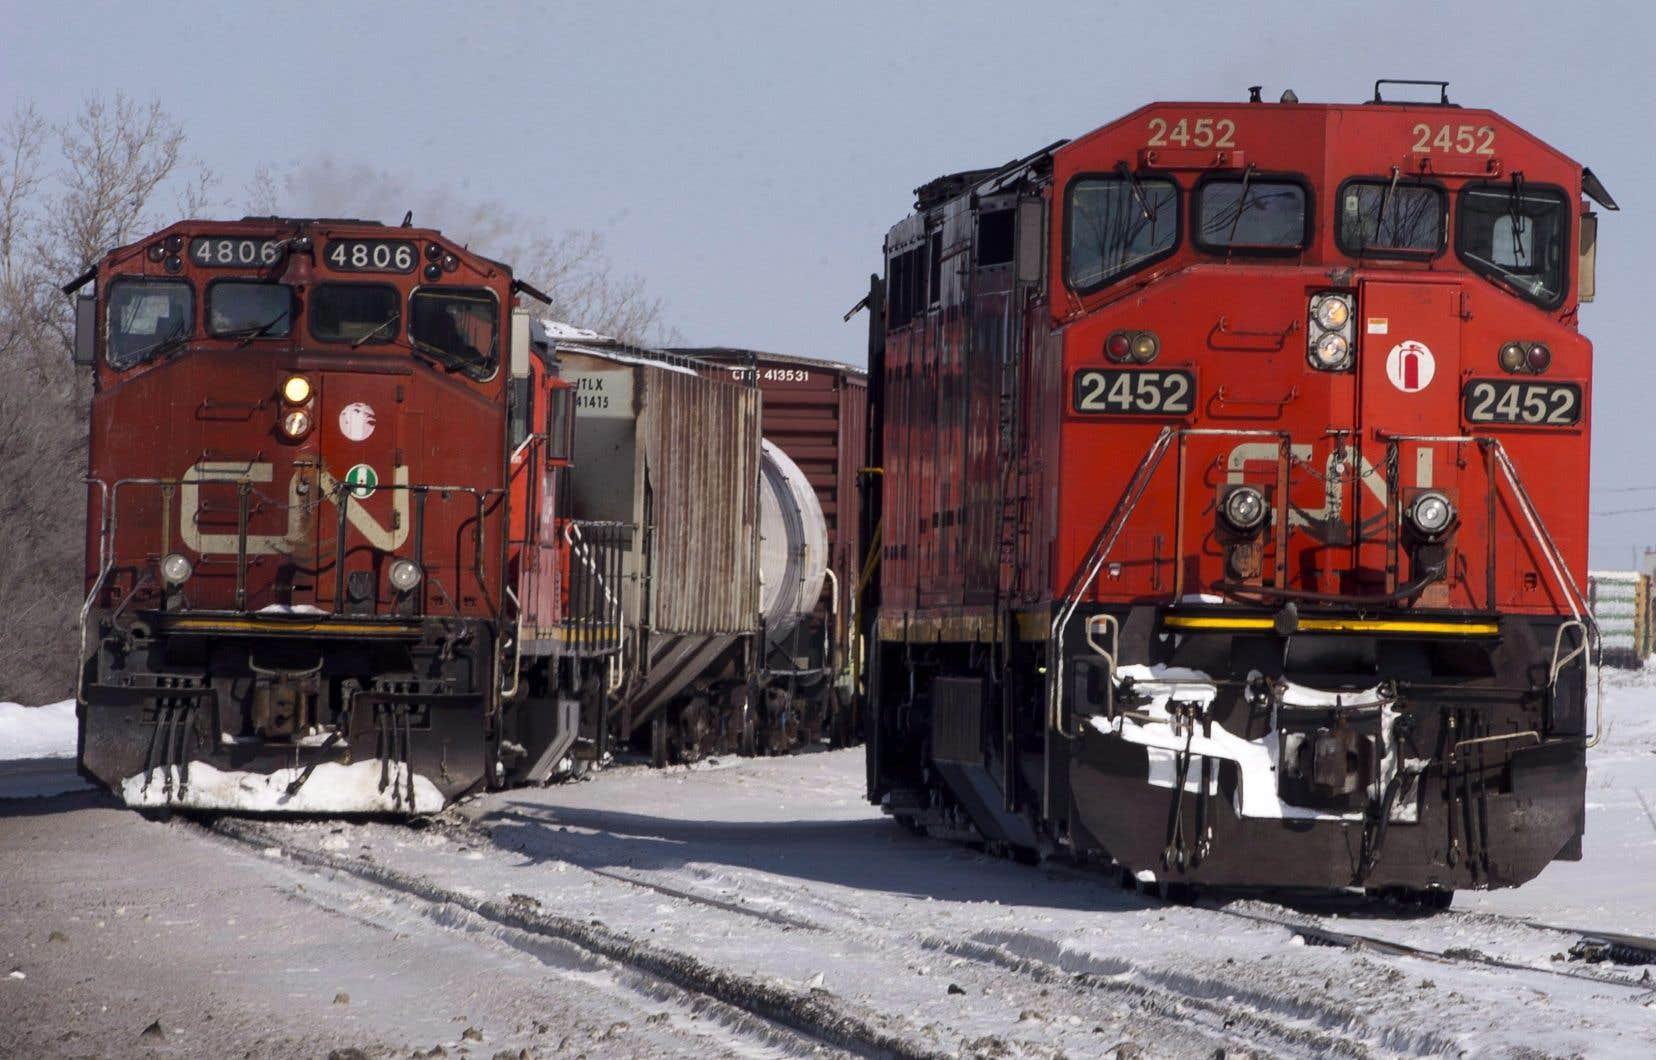 En novembre dernier, plus de 3000 cheminots du Canadien National membres du syndicat des Teamsters ont fait la grève pendant une semaine.